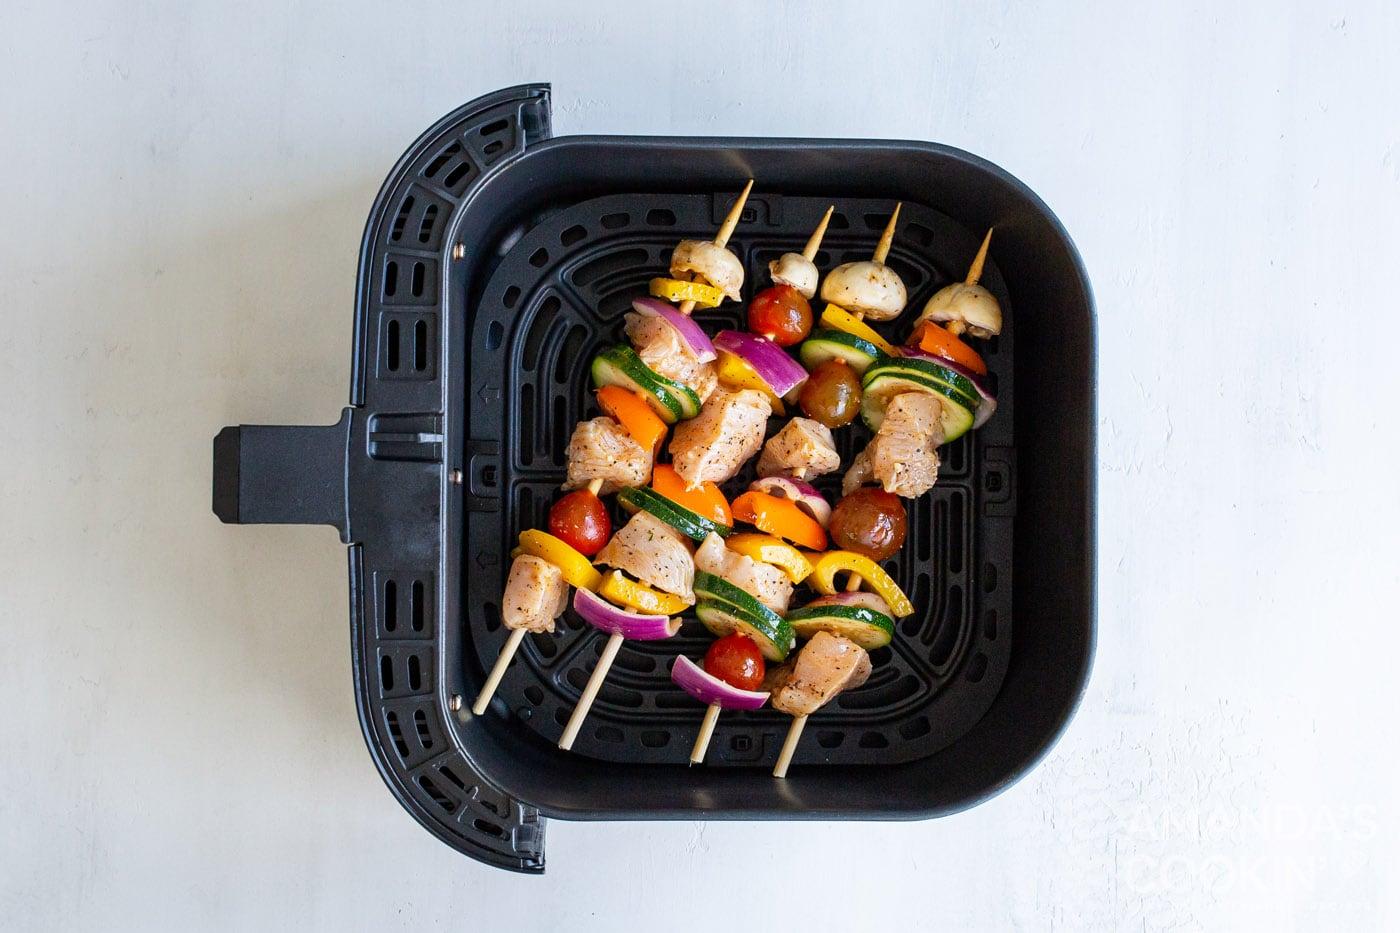 chicken kabobs in an air fryer basket